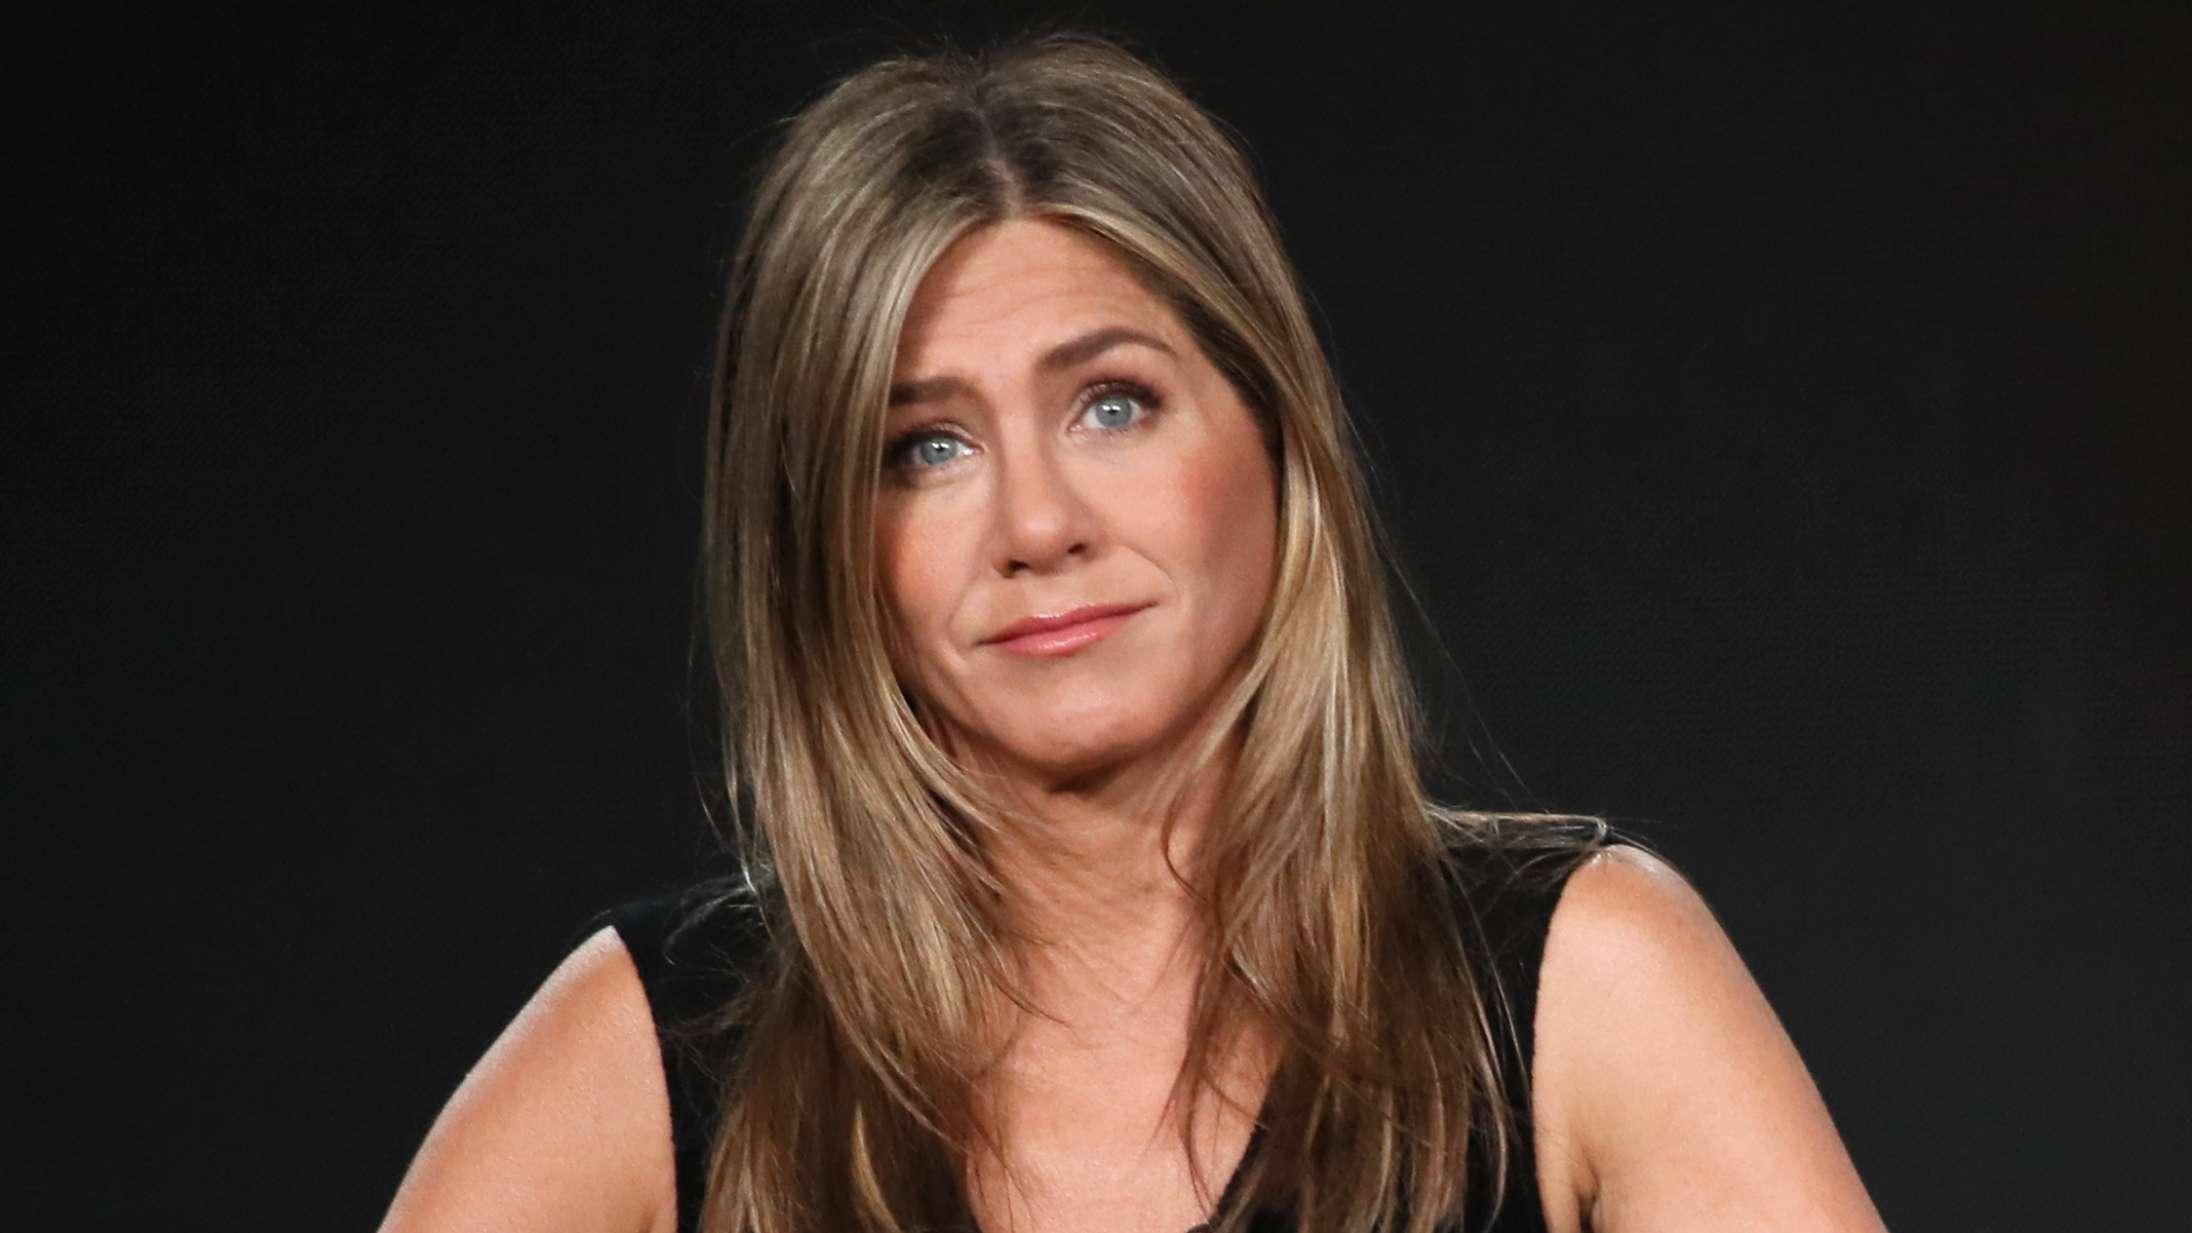 Lad nu være med at stemme på Kanye West … opfordrer Jennifer Aniston